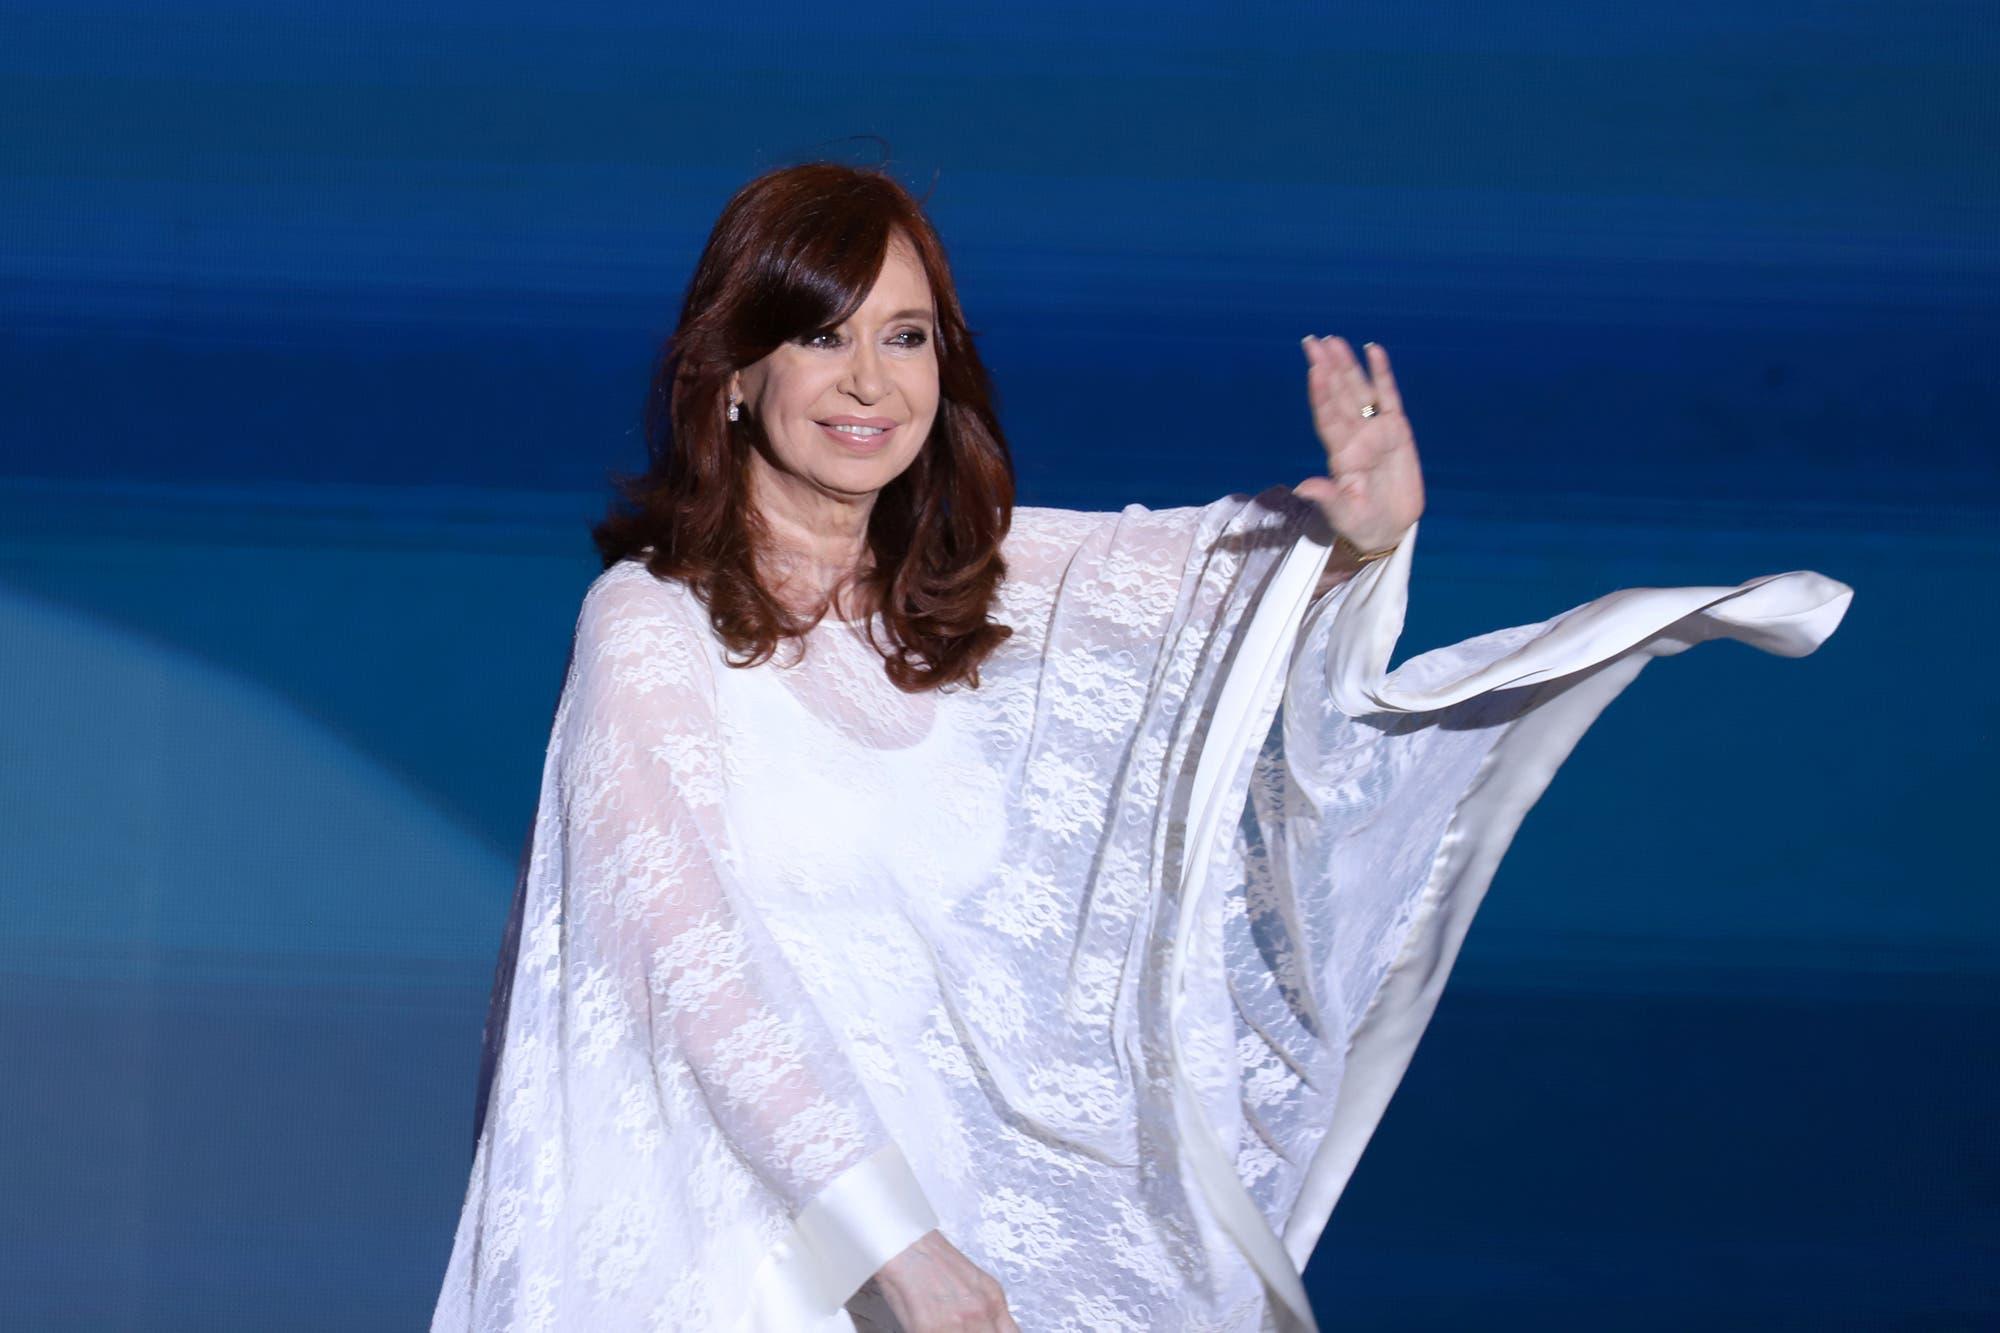 Cristina Kirchner viajará a Cuba entre el 6 y el 12 de febrero para ver a su hija Florencia